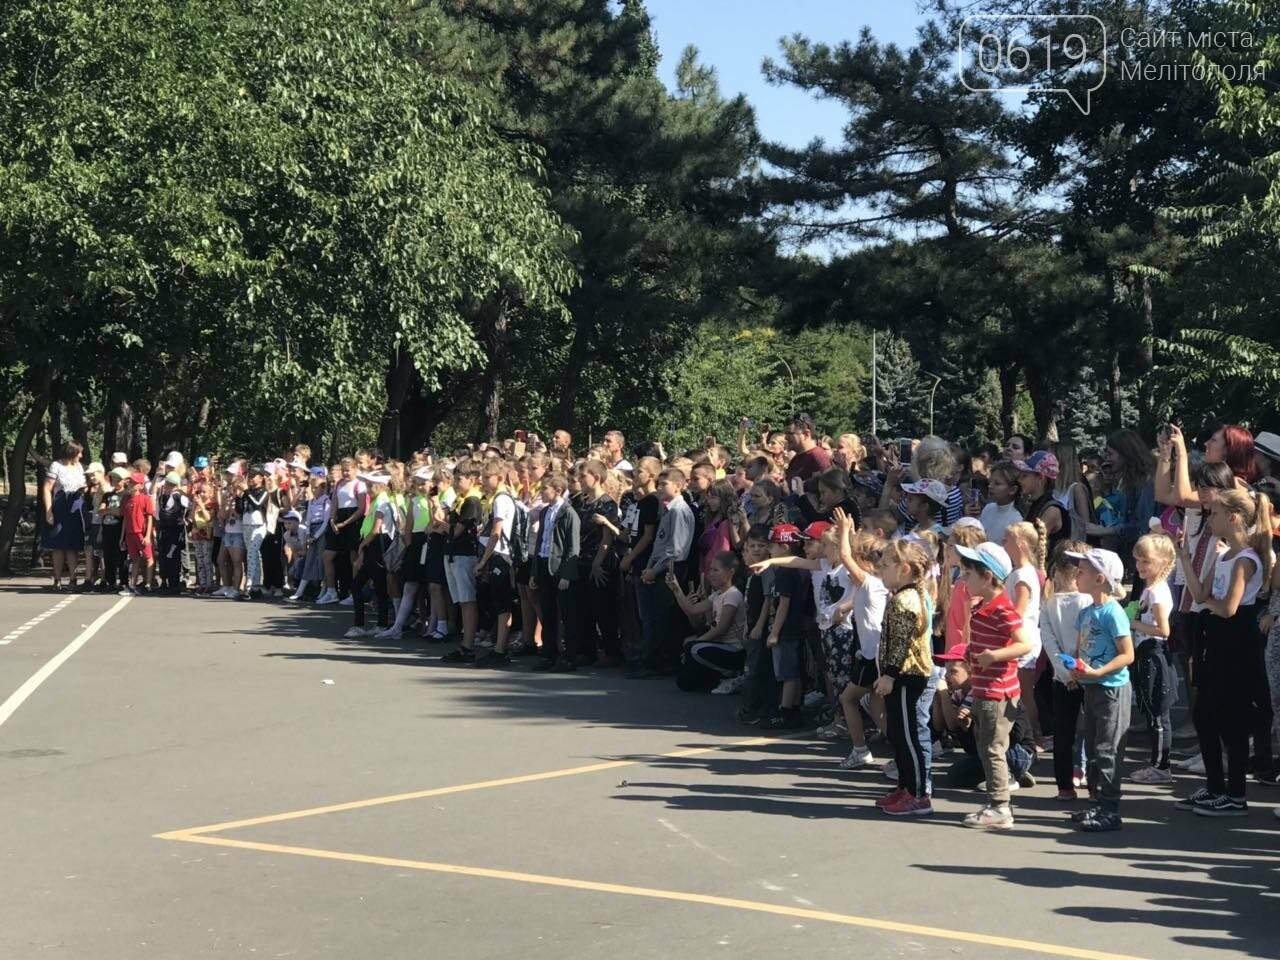 Мелитопольские спасатели провели масштабную акцию для детей, фото-13